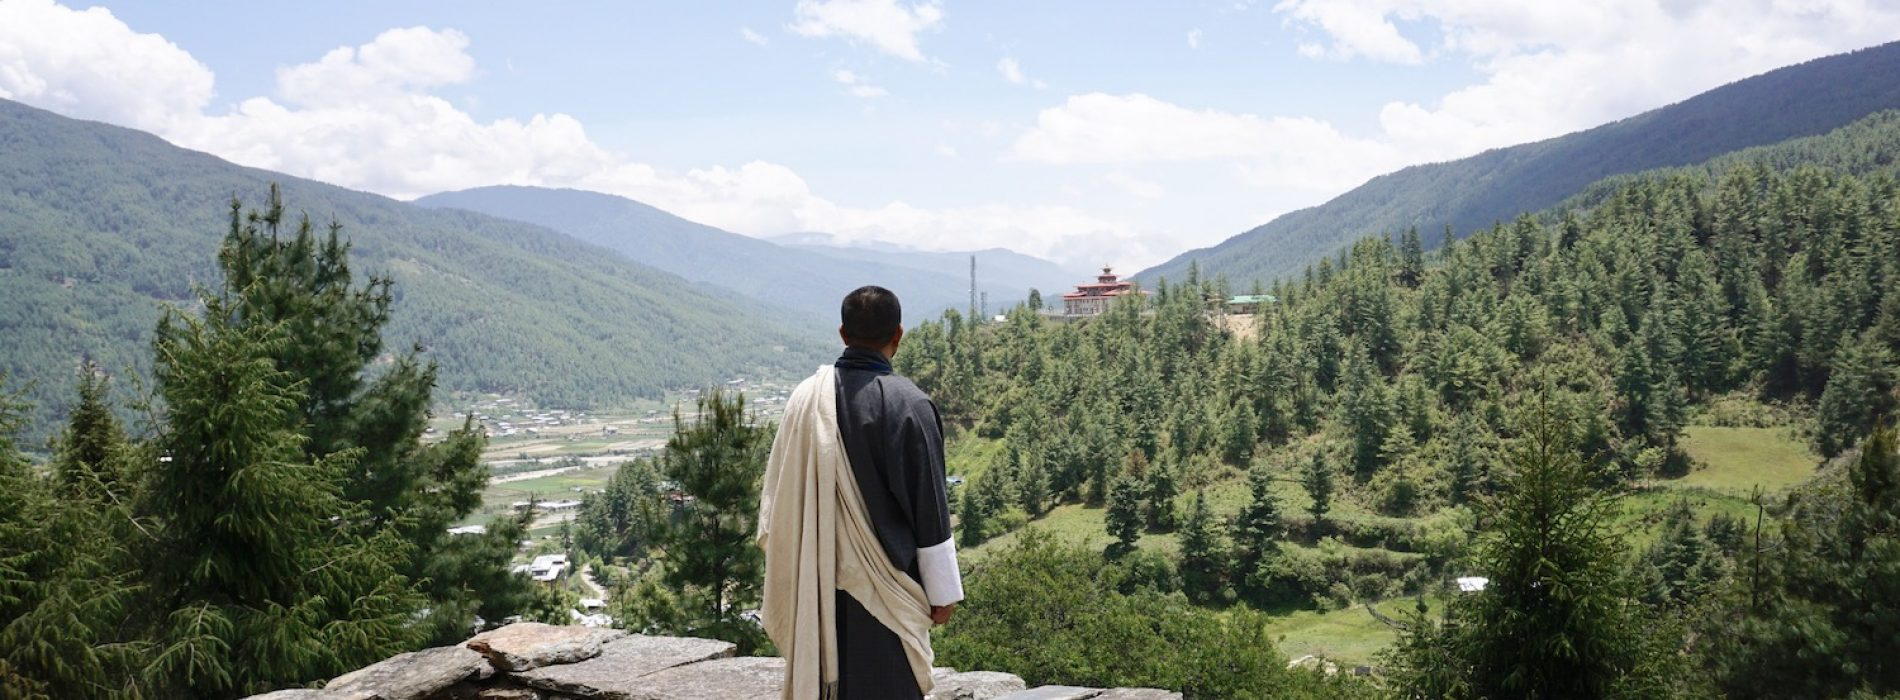 Bhutan Bumthang Jakar Dzong